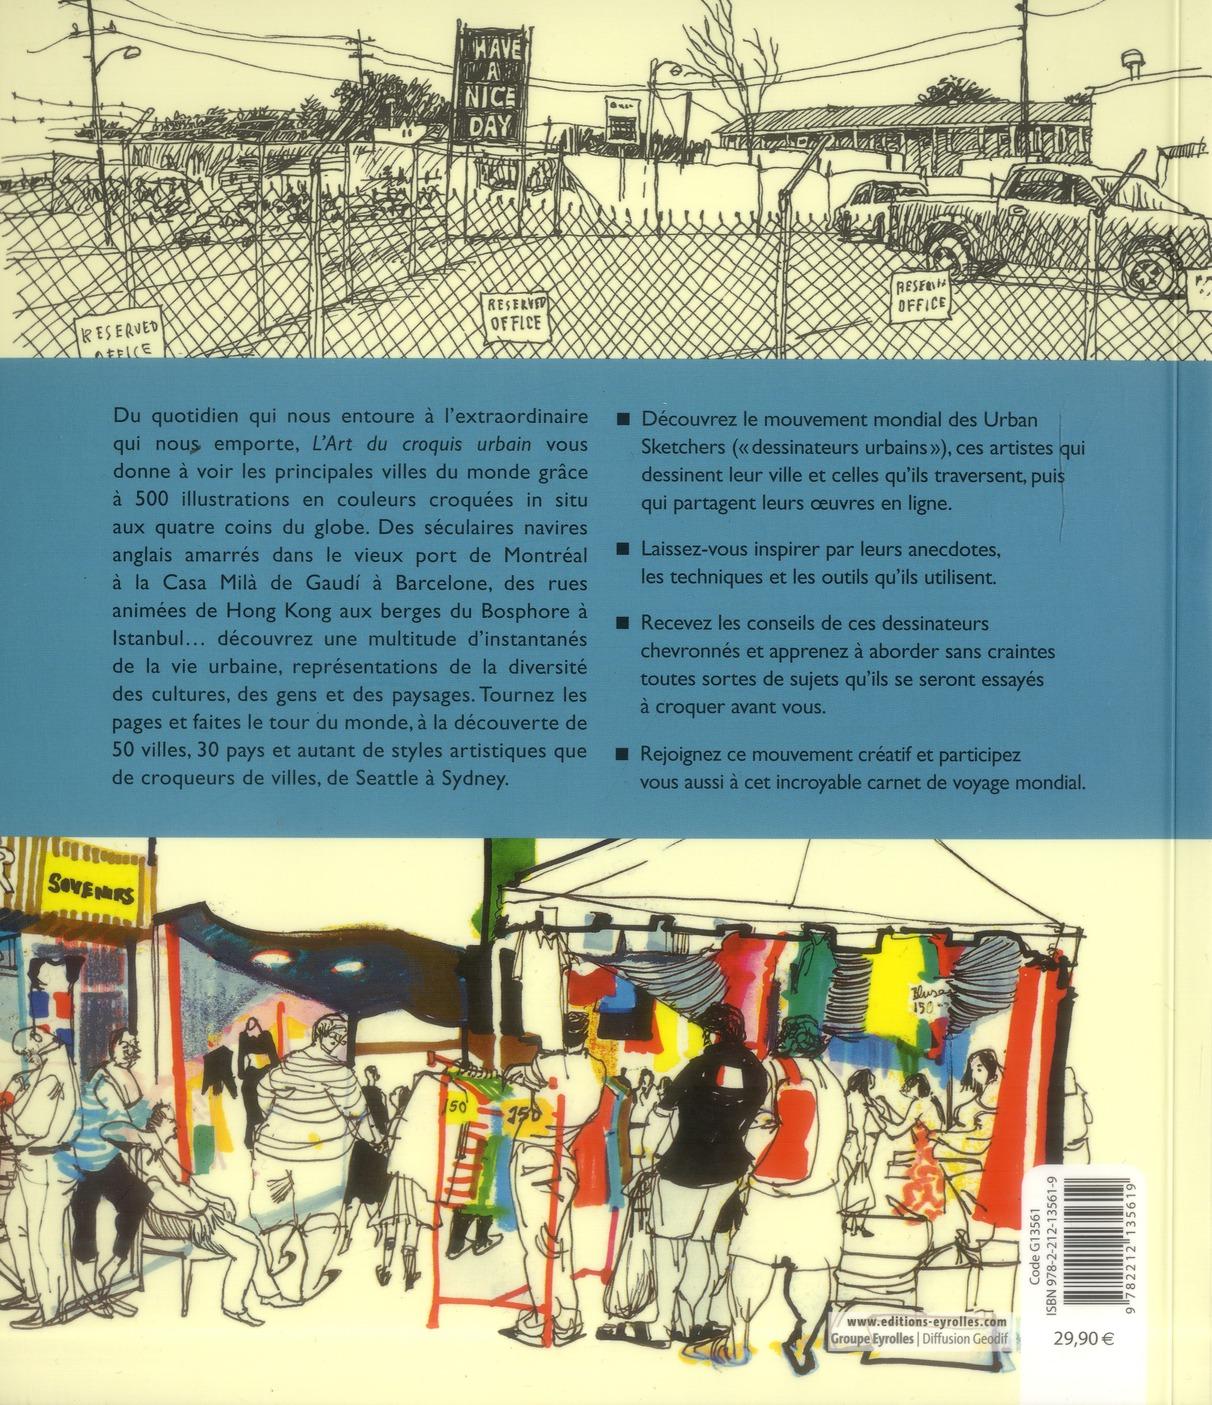 carnets de voyage ; l'art du croquis urbain ; dessiner le monde, de ville en ville